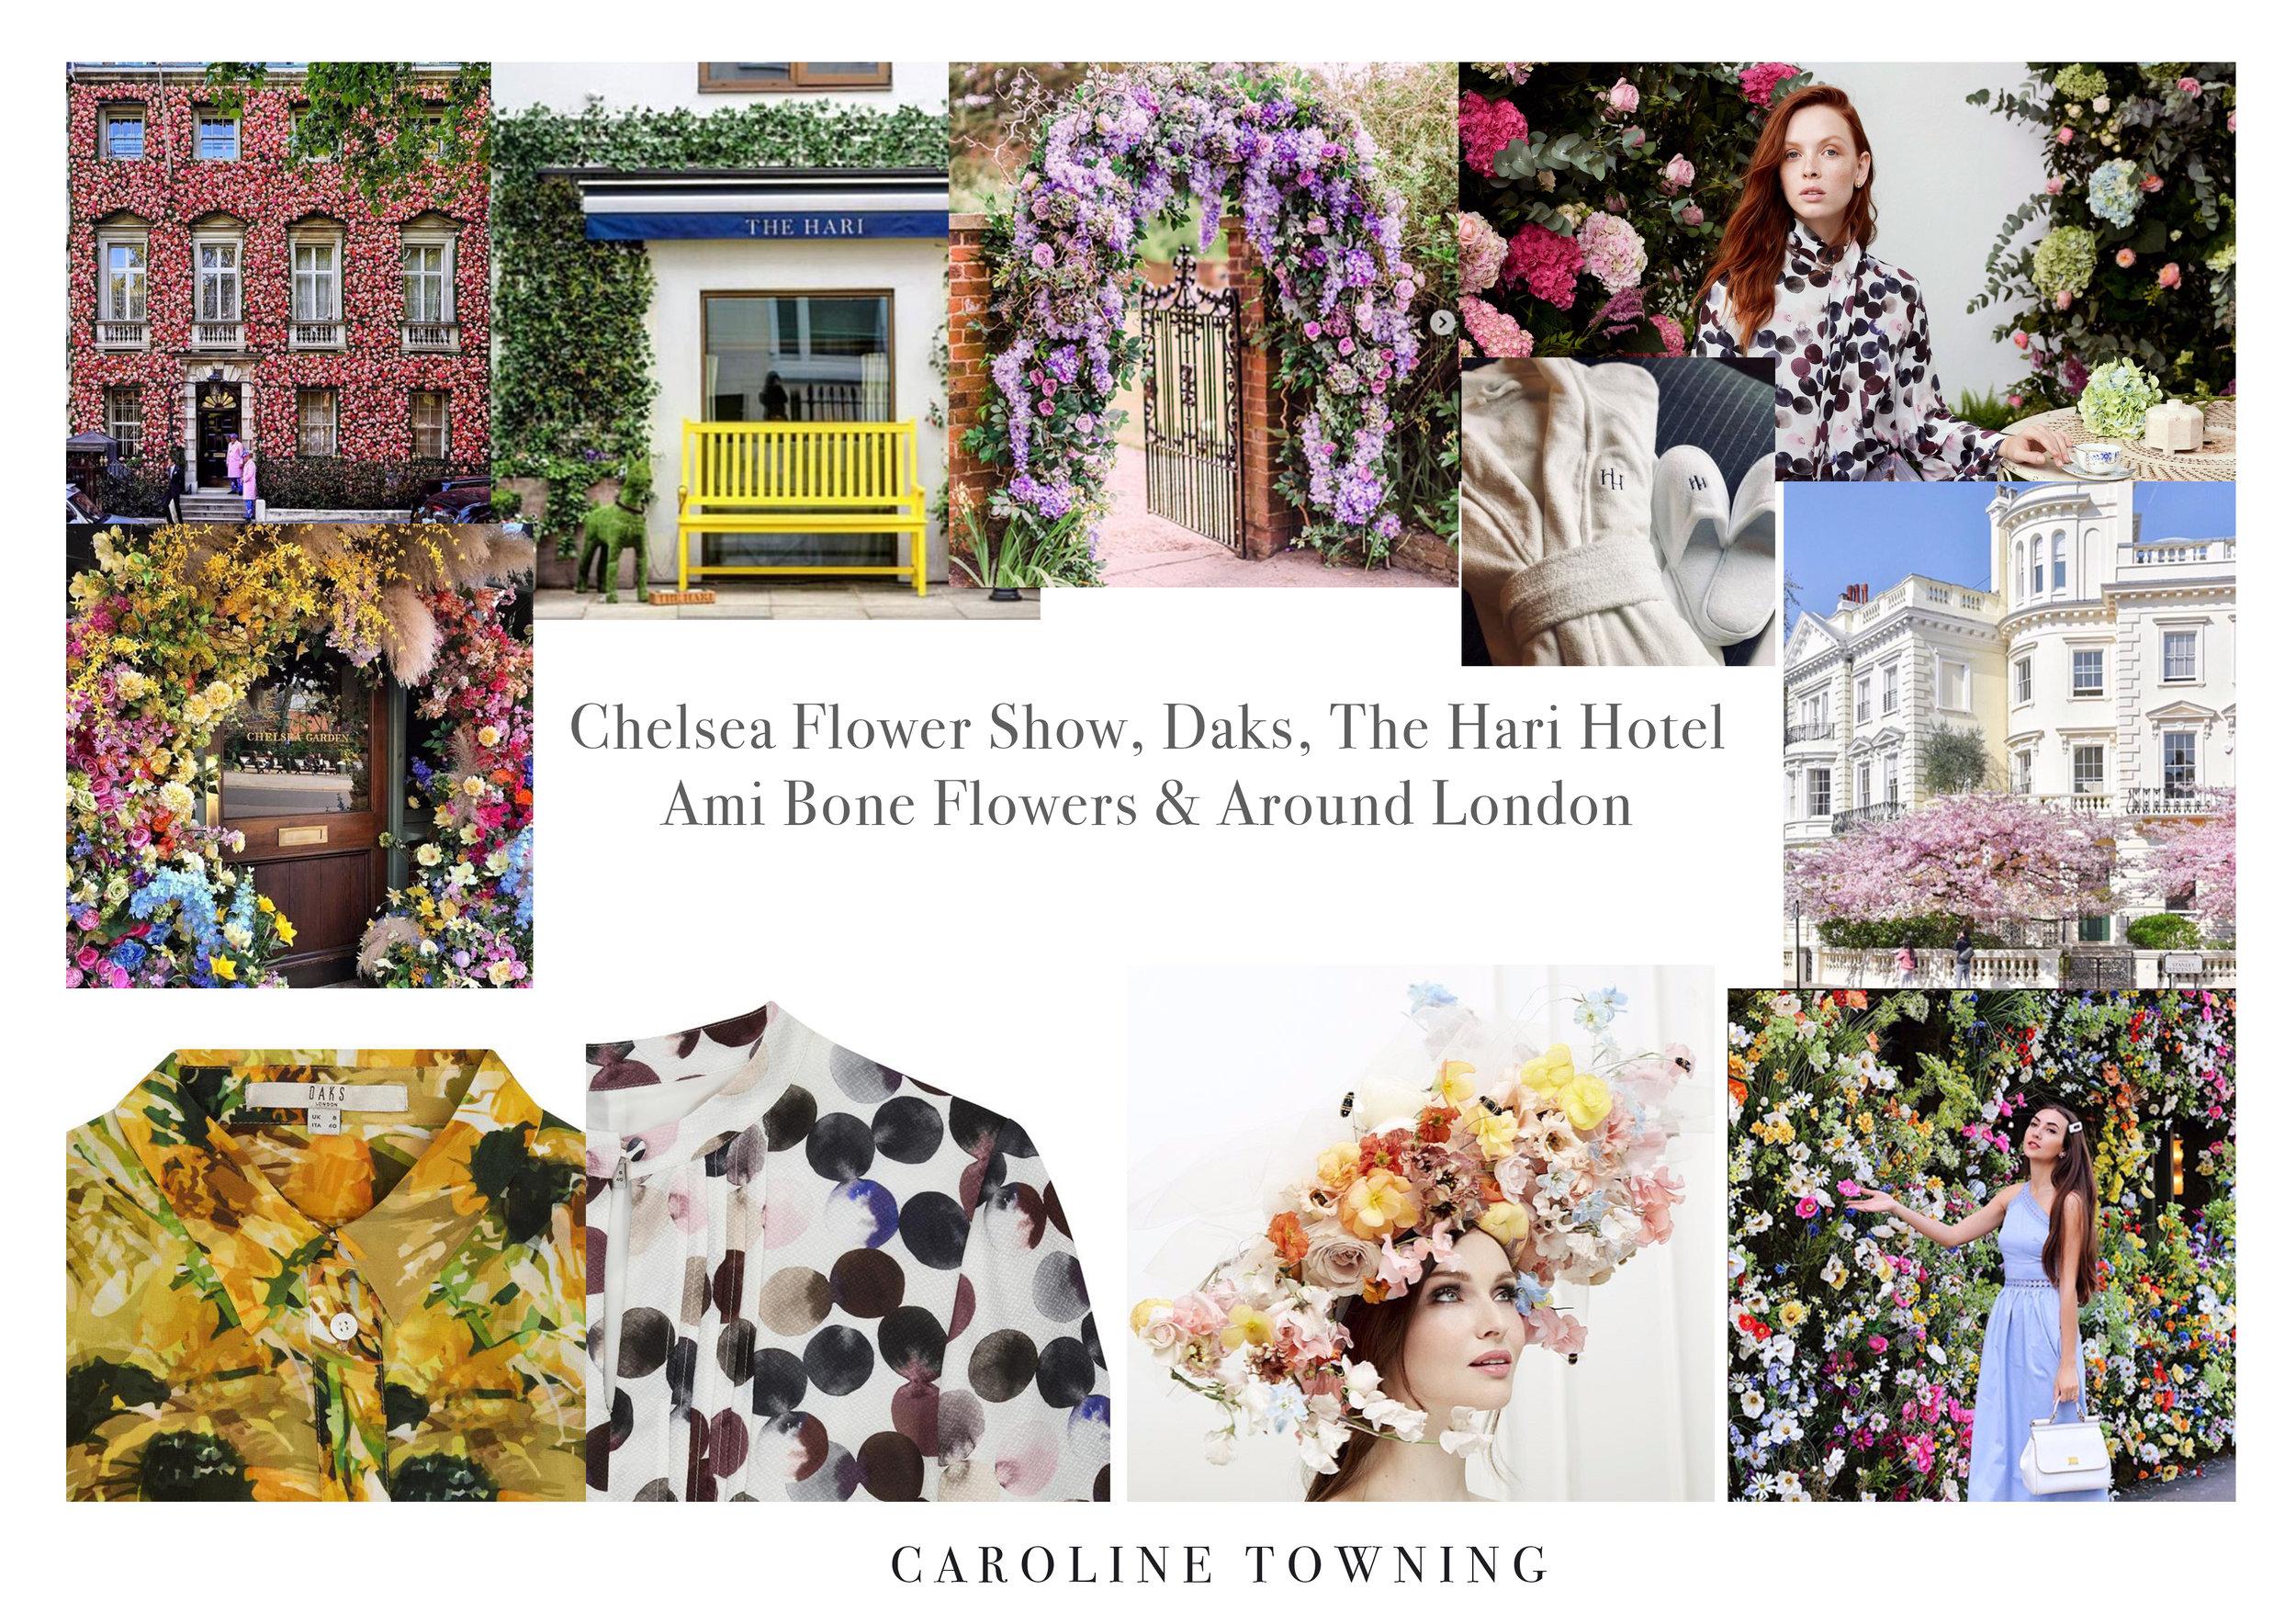 Daks | Chelsea Flower Show | Hari Hotel | Ami Bone